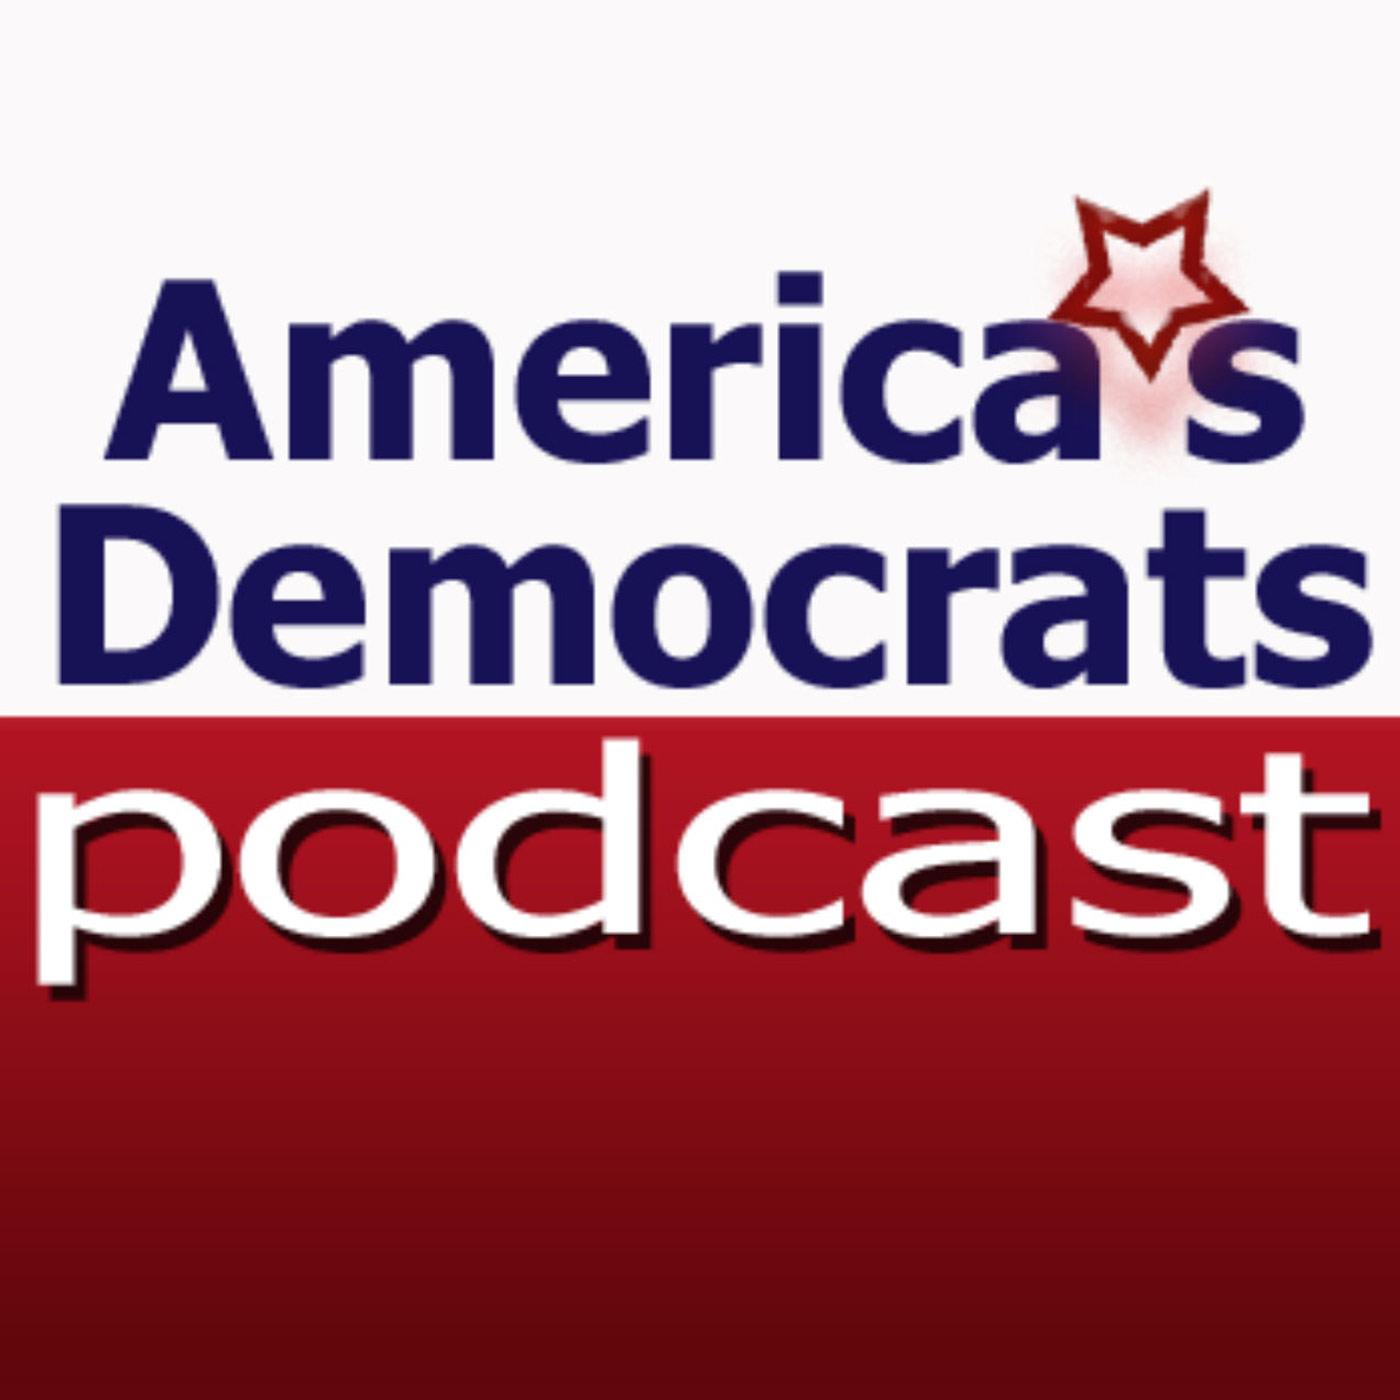 America's Democrats show art